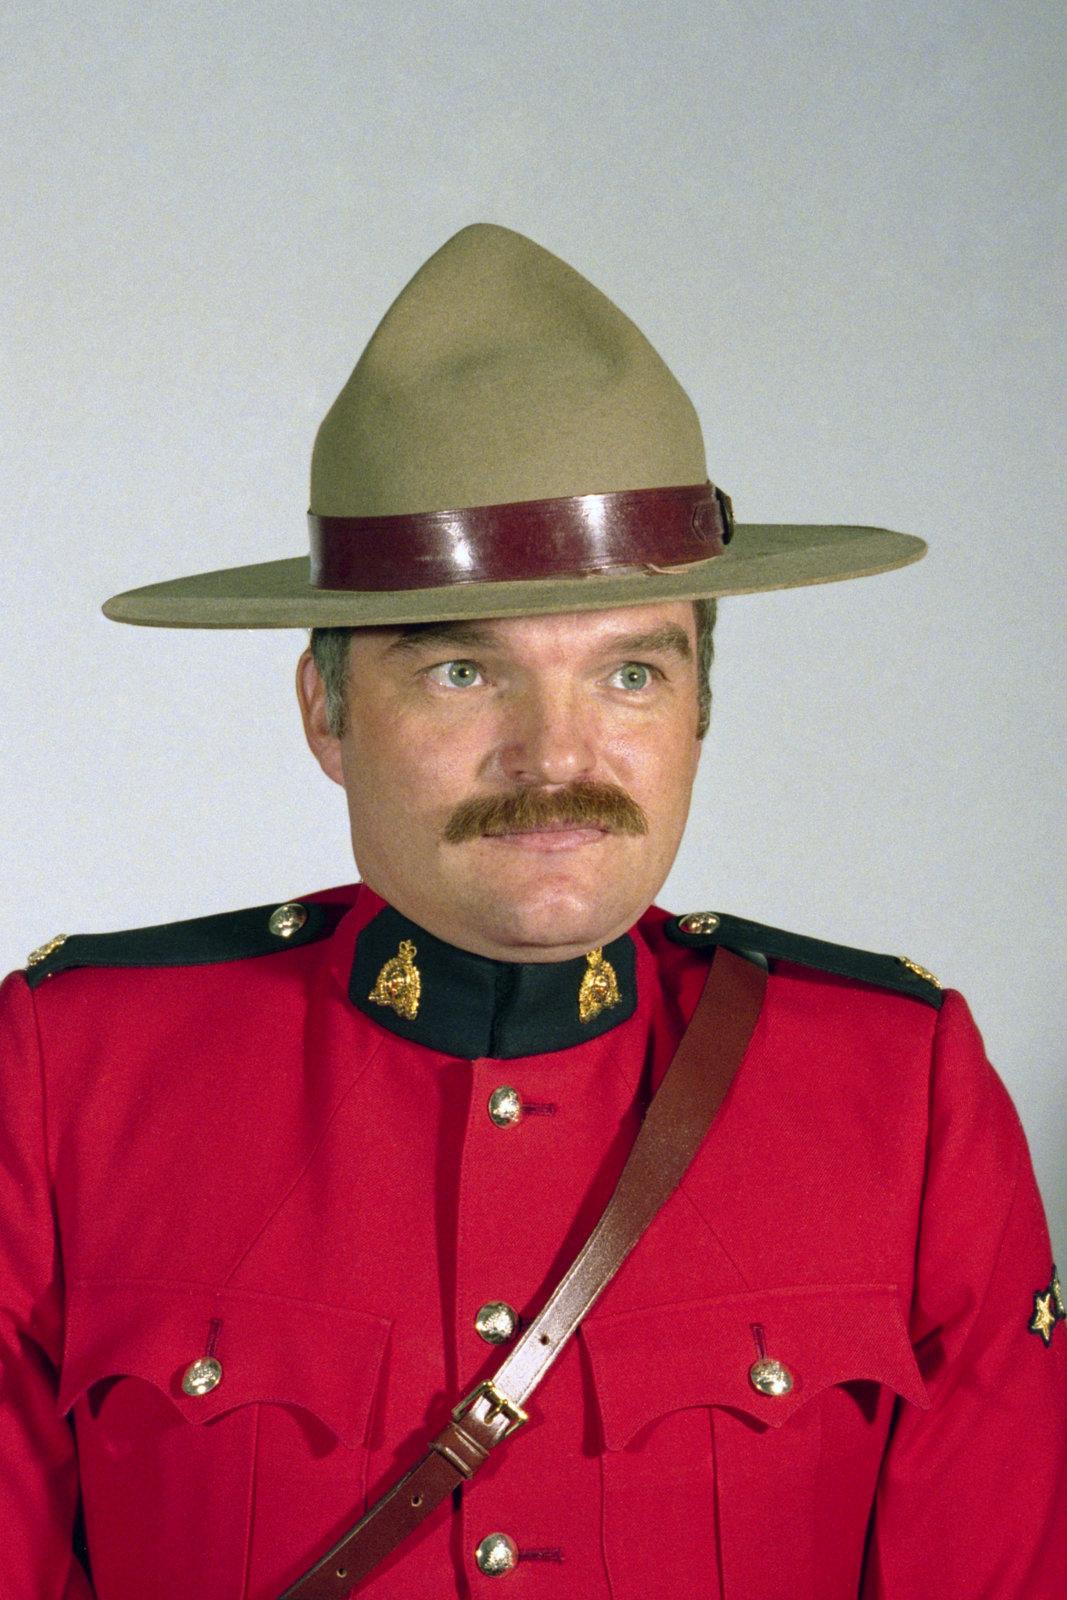 Sergeant Edwin Michael Mobley